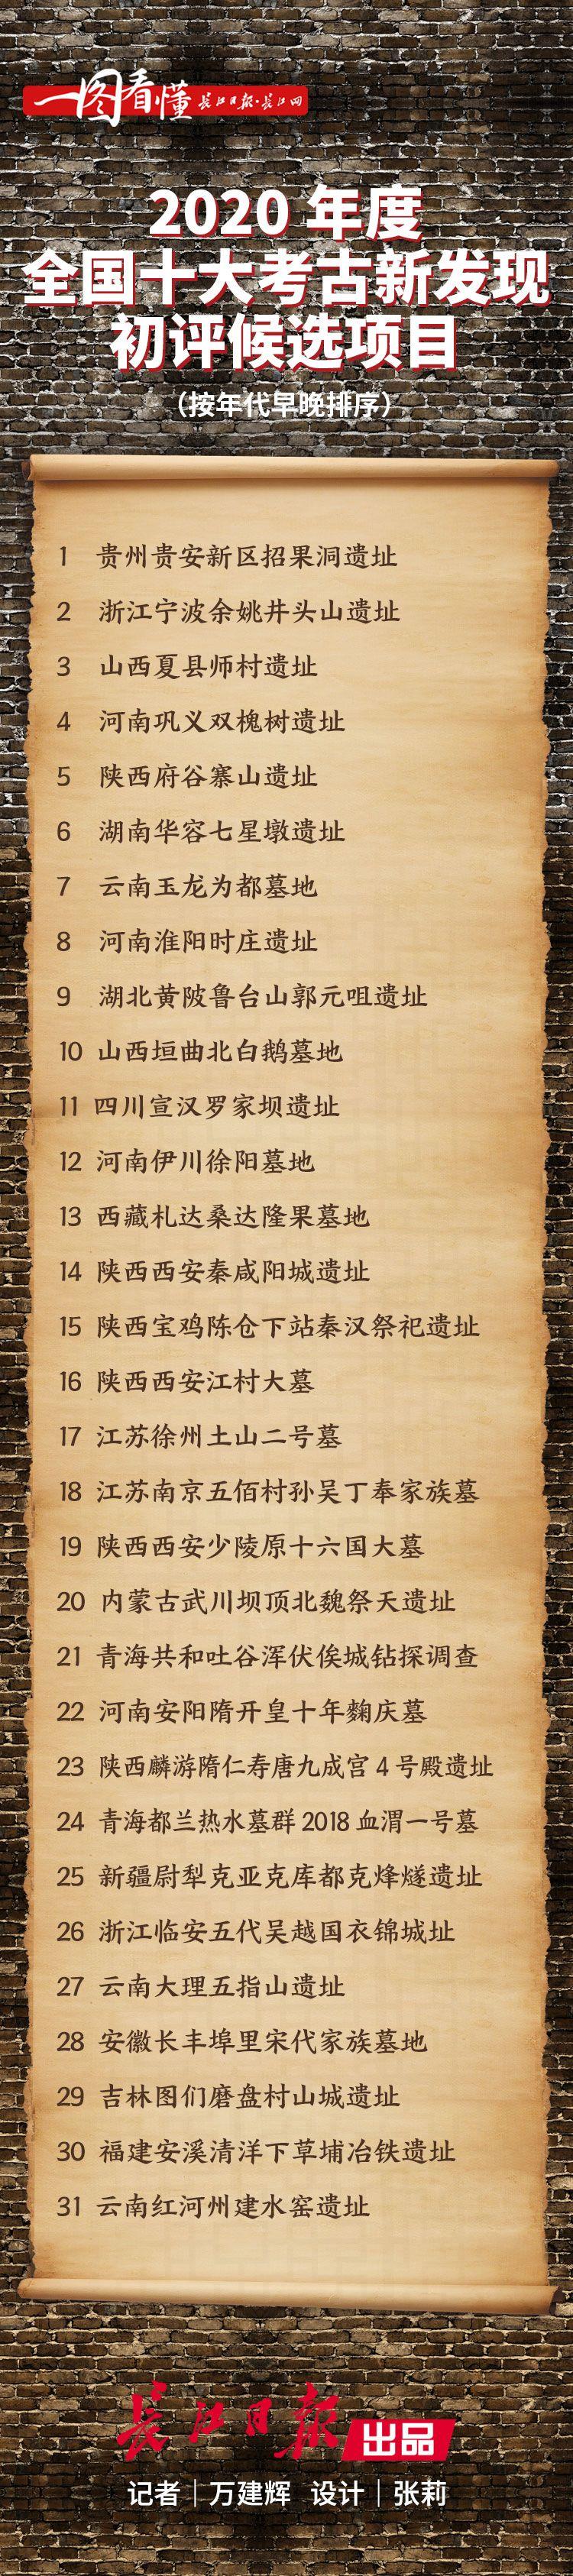 """武汉鲁台山郭元咀遗址入选""""全国十大考古新发现""""初评"""